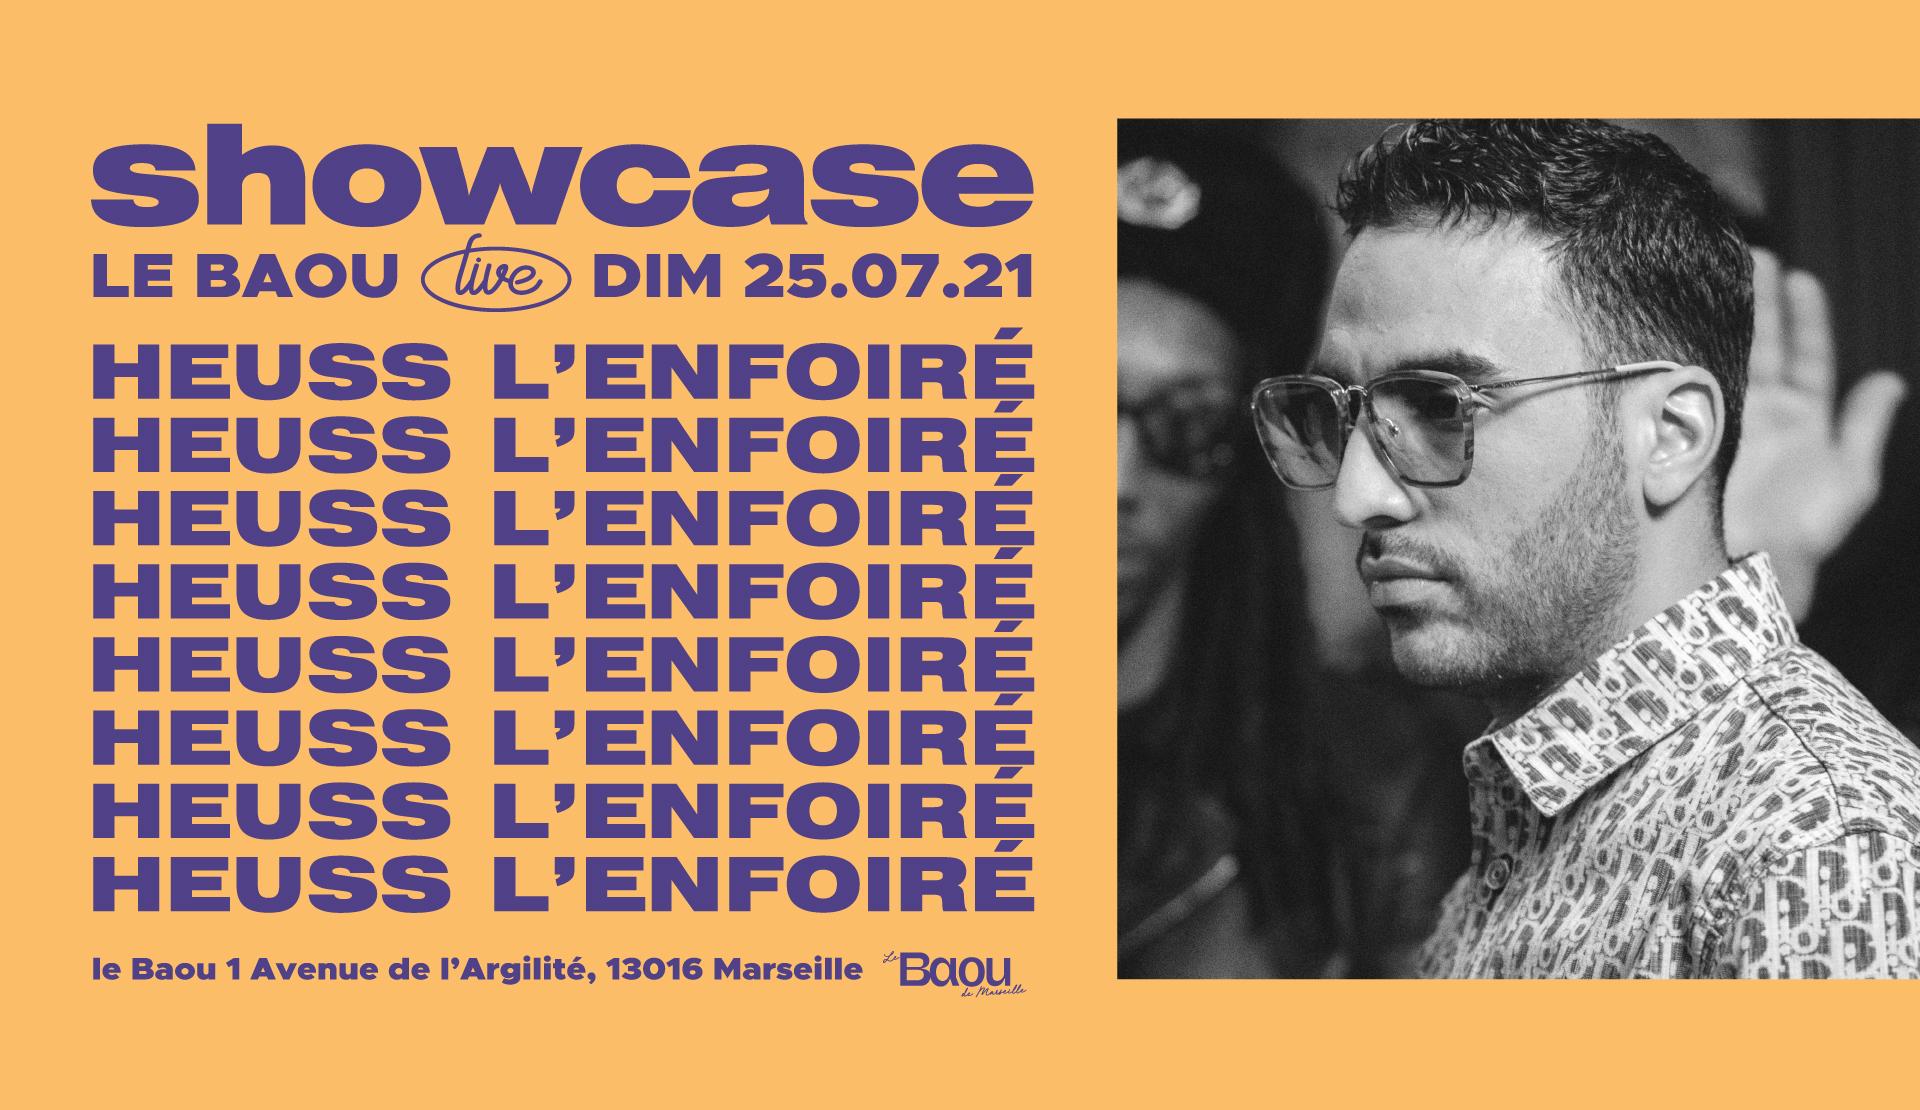 Showcase : HEUSS L'ENFOIRÉ